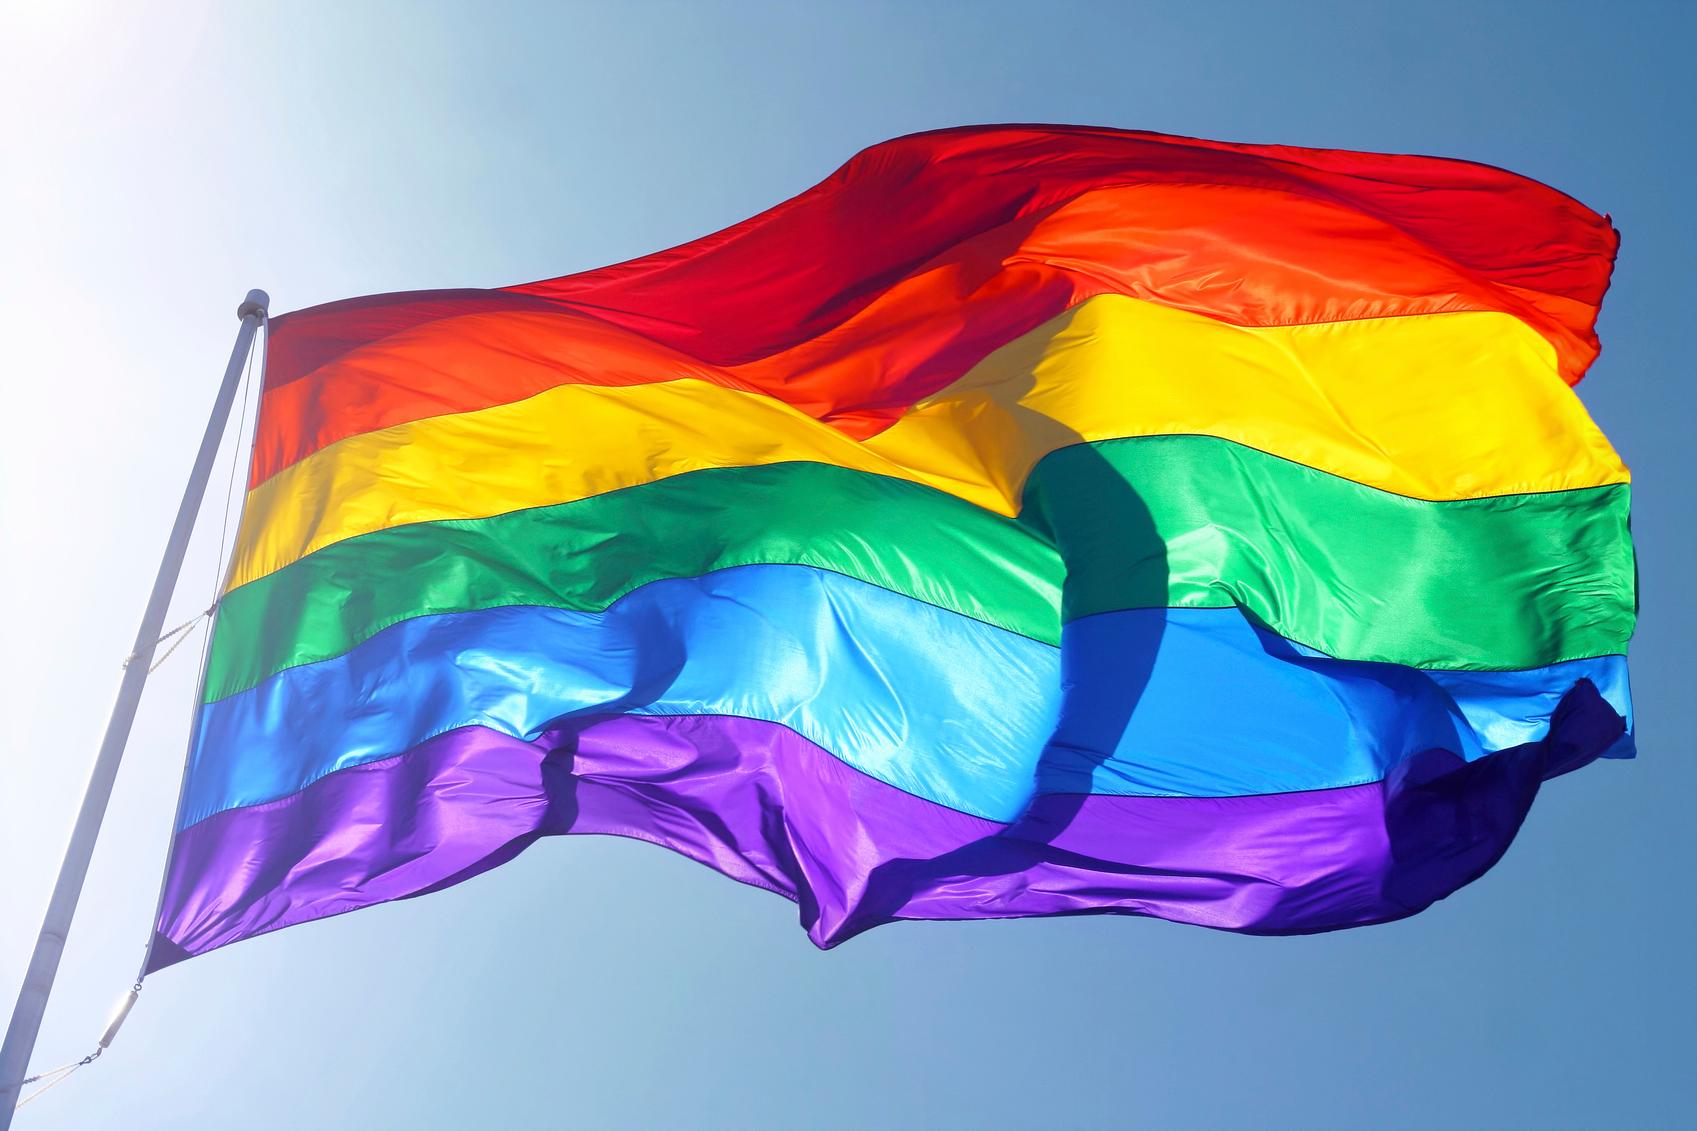 Día Internacional del Orgullo LGBT: en el acto de atención, futuros profesionales de las Ciencias de la Salud